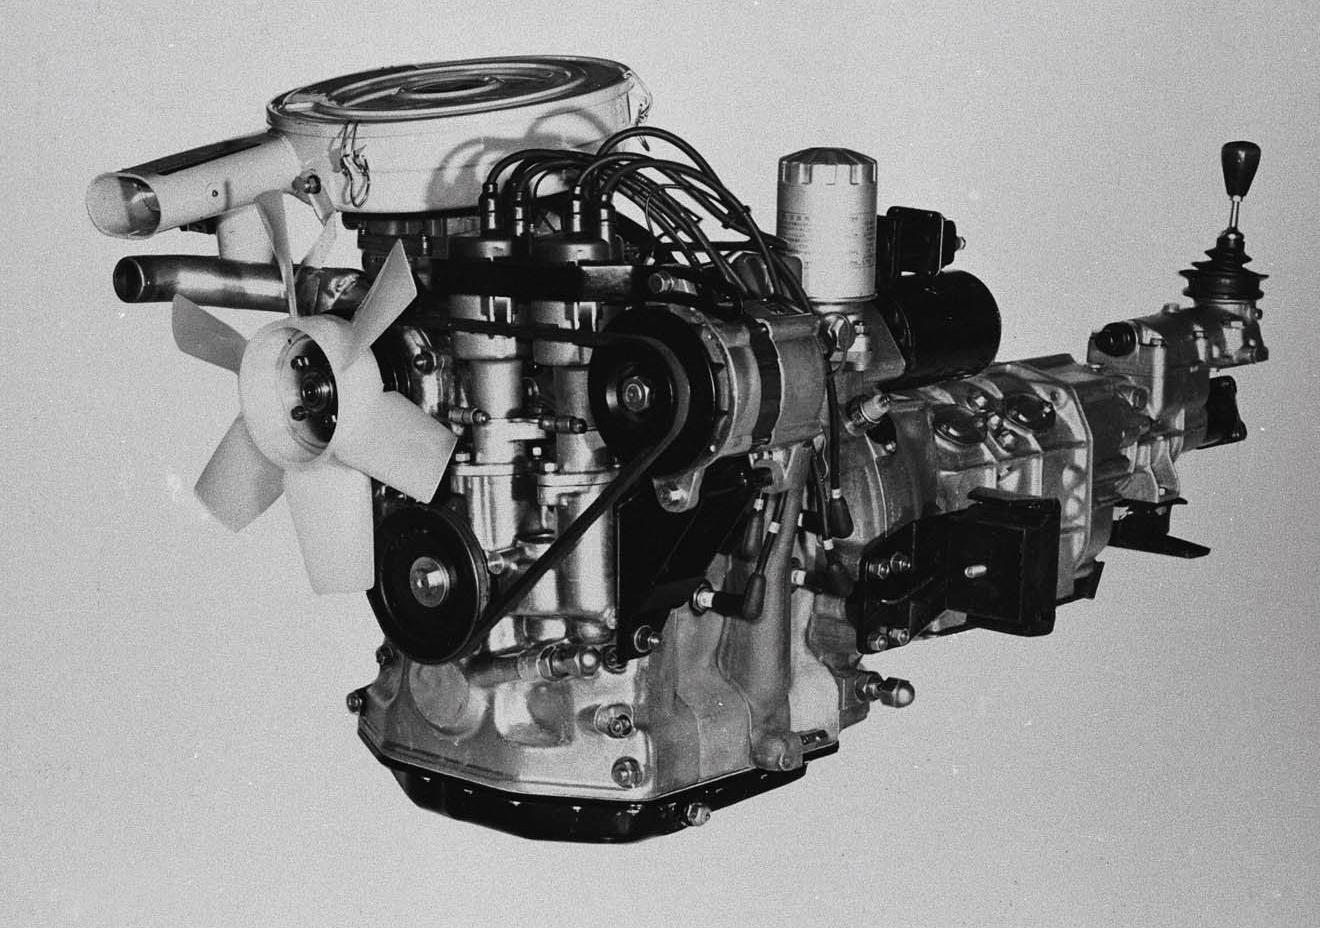 L10Aエンジン。